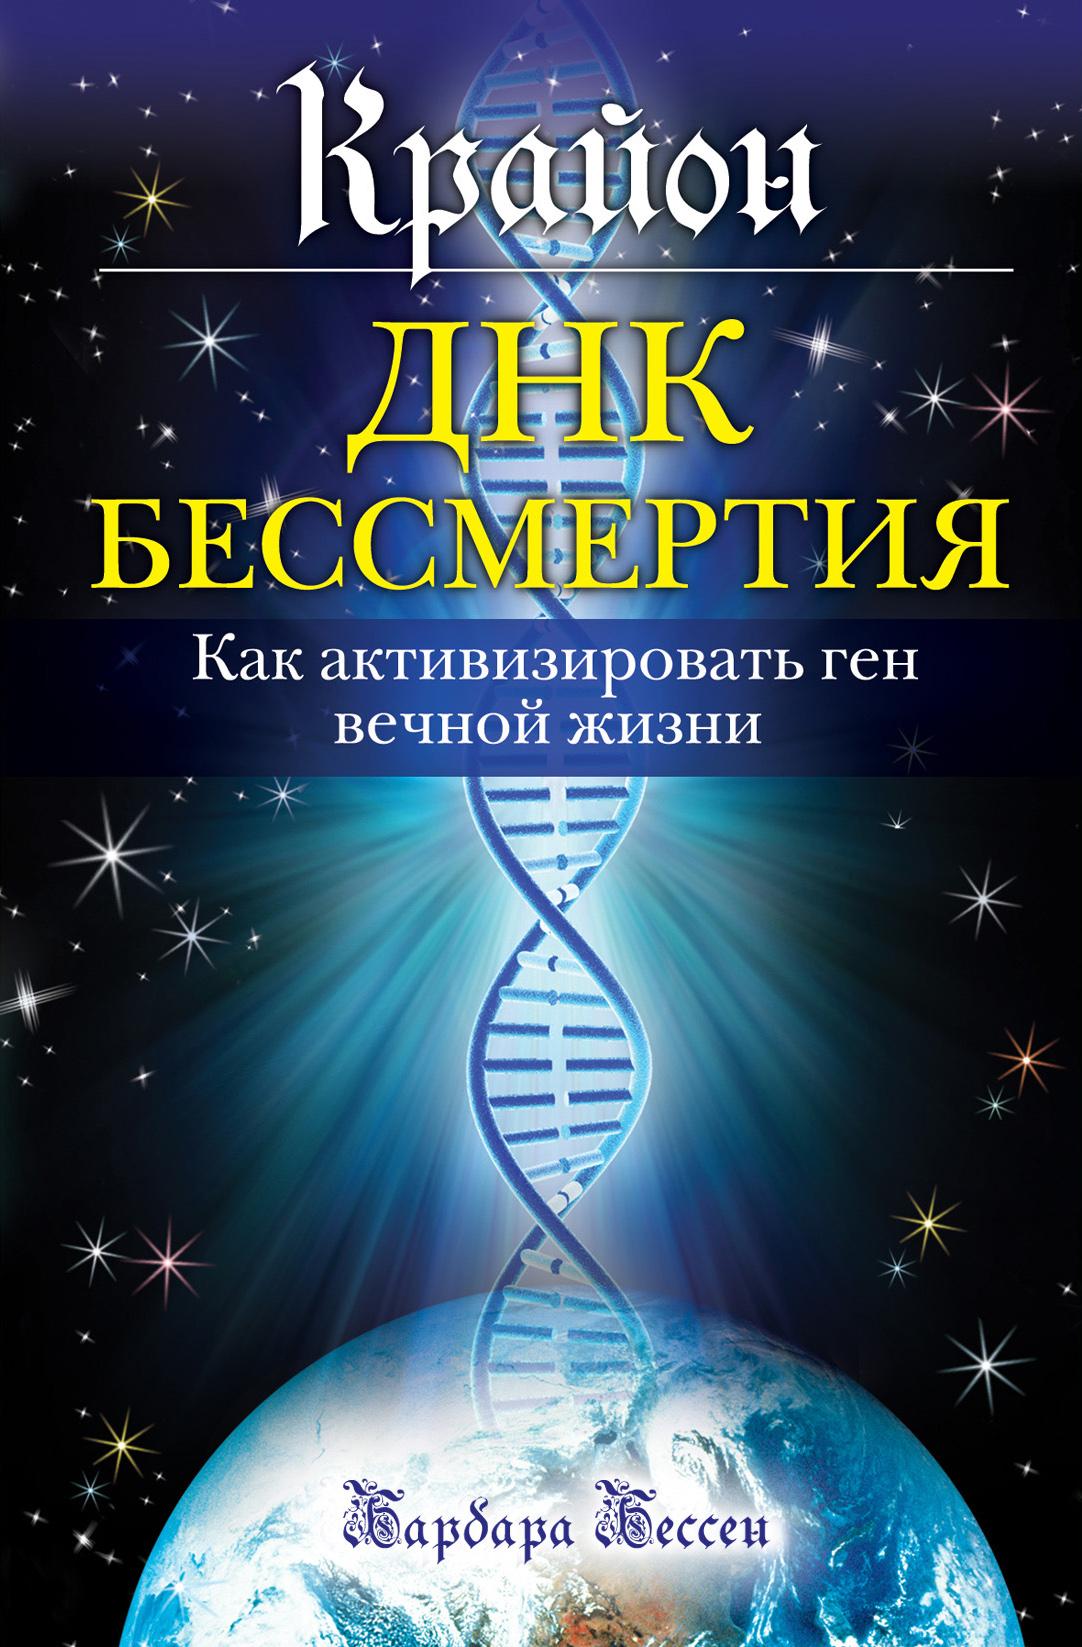 Барбара Бессен Крайон. ДНК бессмертия: Как активизировать ген вечной жизни барбара бессен крайон послания о золотом веке